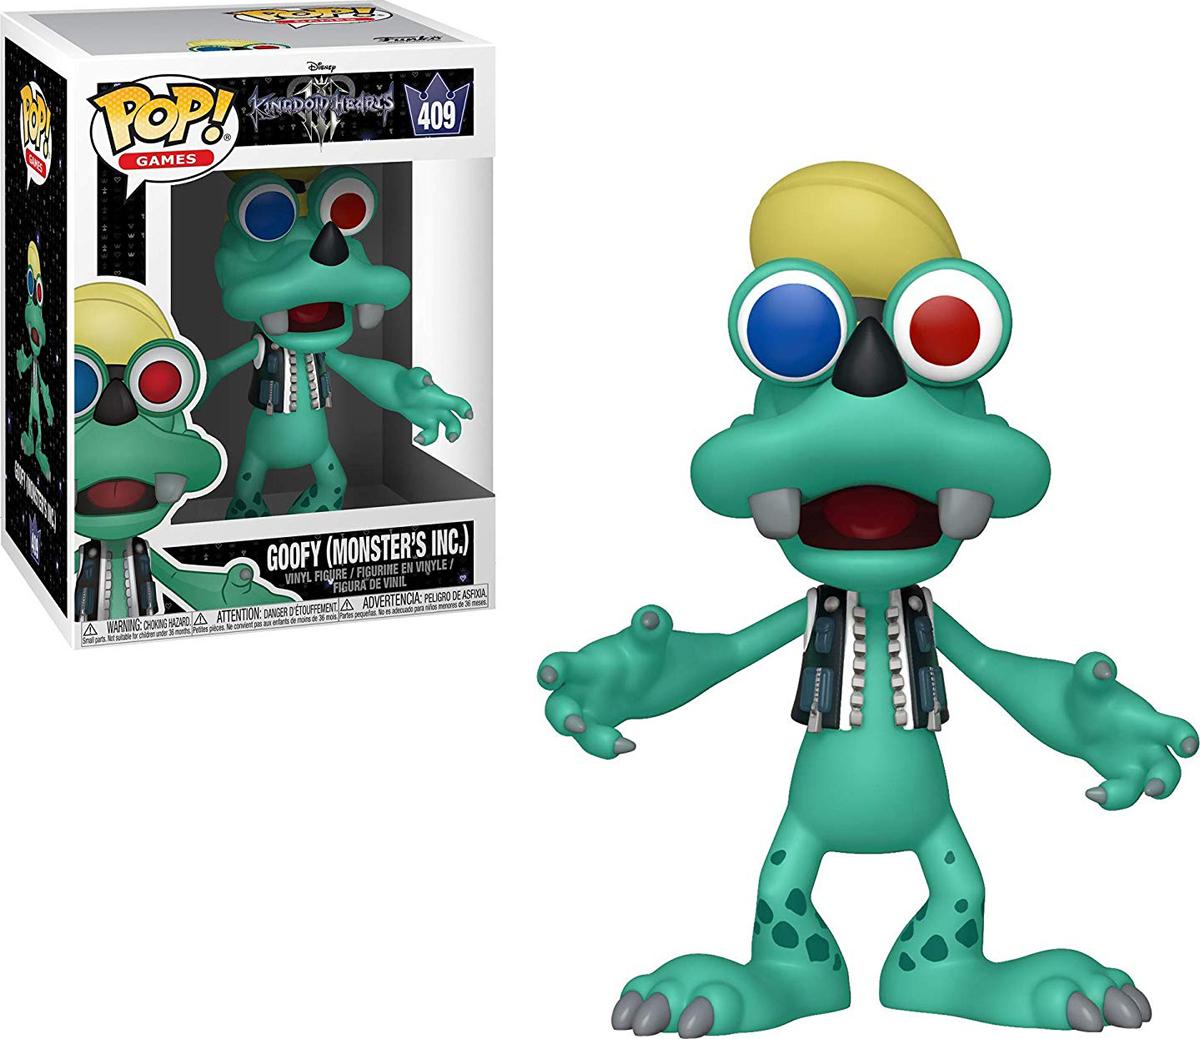 Фигурка Funko POP! Vinyl: Games: Kingdom Hearts 3: Goofy (Monsters Inc.) 34058 фигурка funko pop vinyl games kingdom hearts 3 sora monster s inc 34057